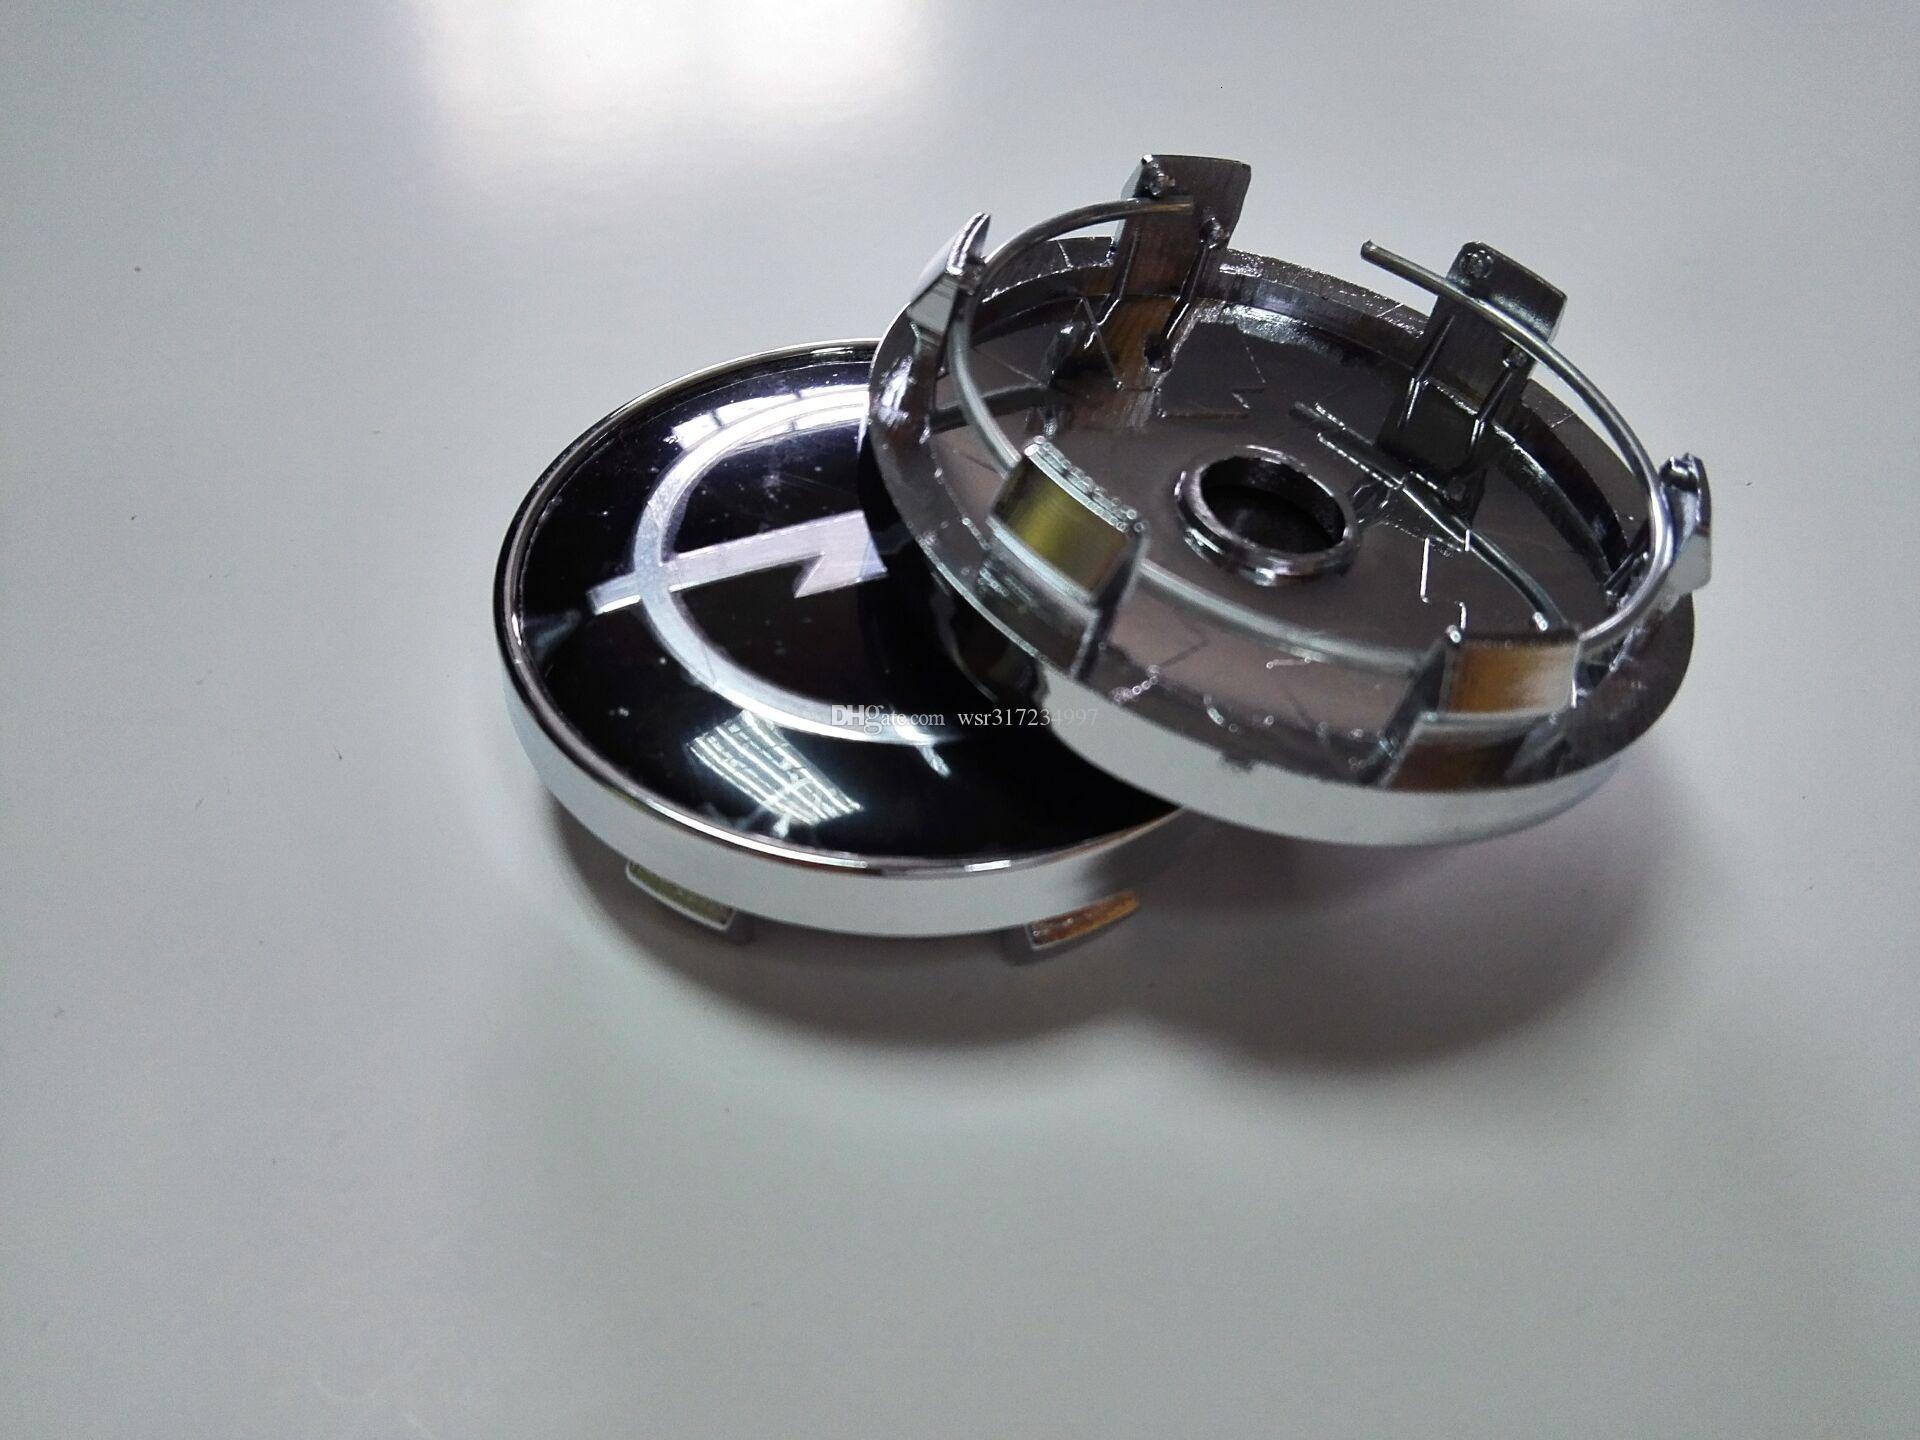 Car Styling 100Pcs * 60MM del centro di rotella delle protezioni di mozzo auto emblema distintivo marchio per BMW / VW / OPEL / MAZDA / Lexus / Volvo / Toyota / H / KIA / OZ Racing Etc.